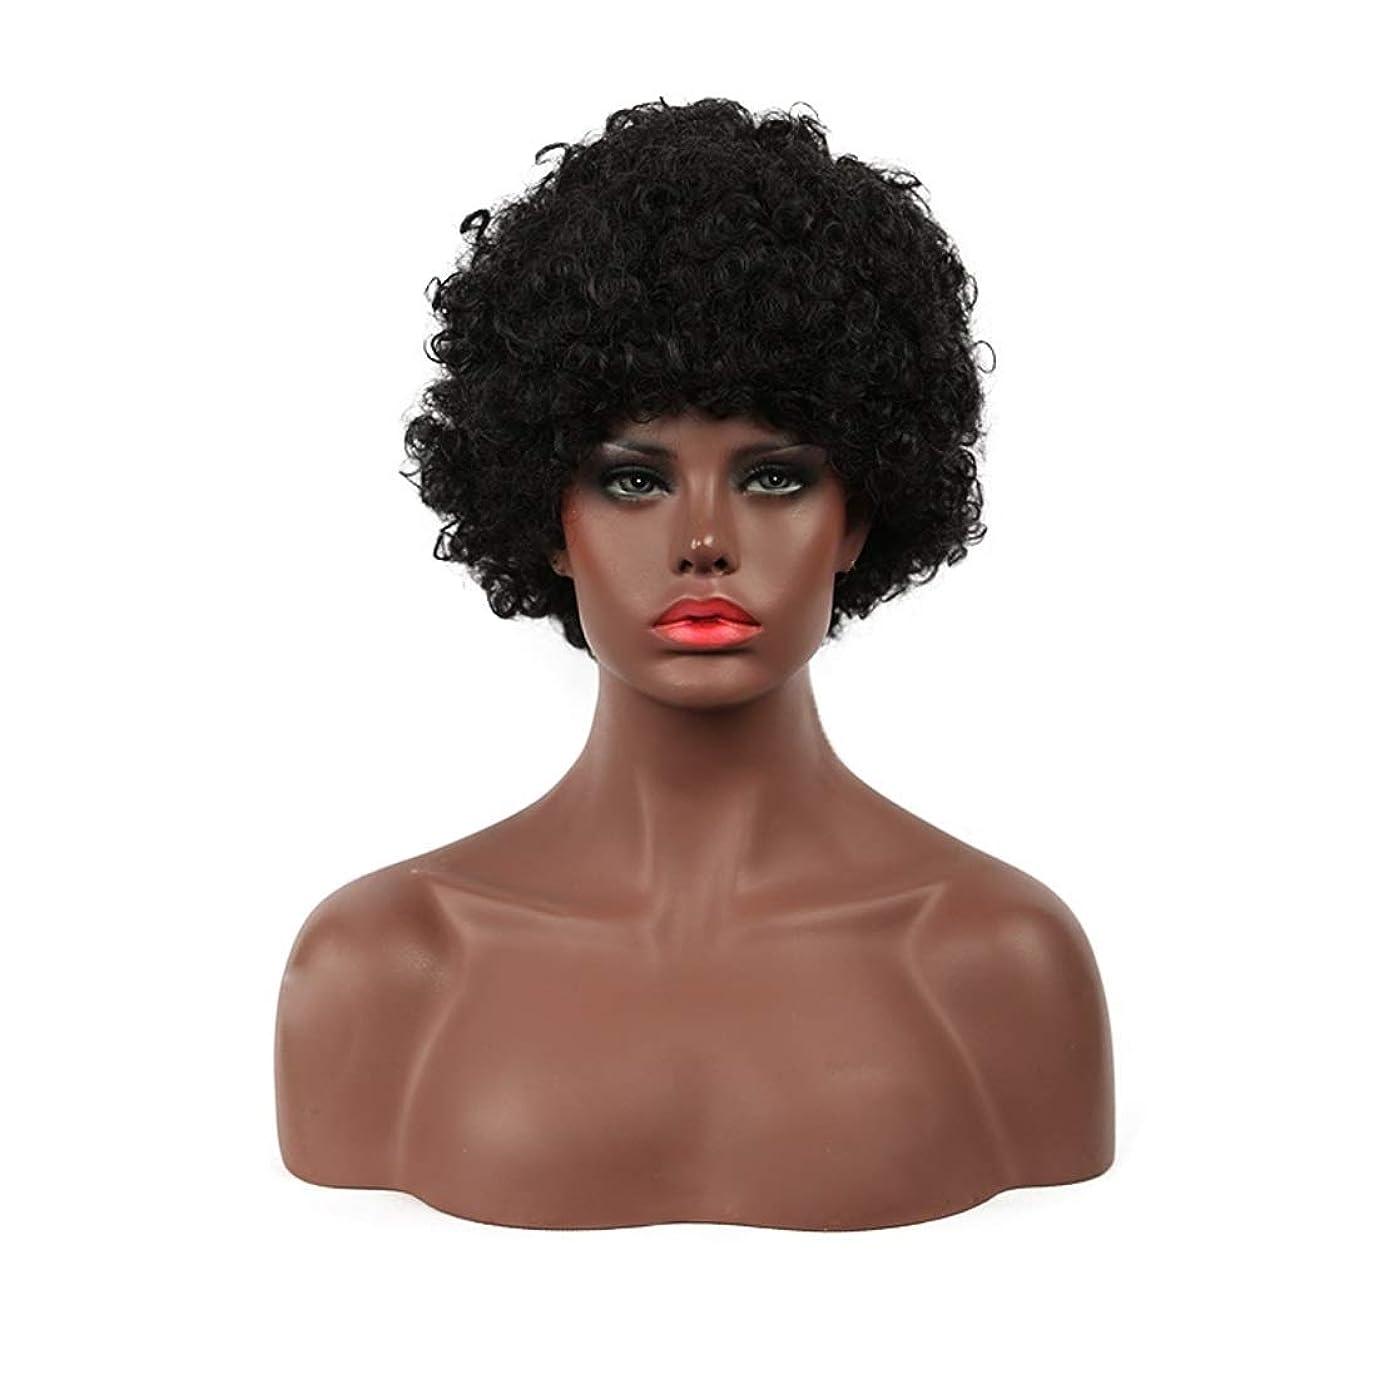 保全マイナス心臓Koloeplf 女性用ショートカーリーボブウィッグふわふわウェーブのかかった黒人工毛ウィッグナチュラルルウィッグ耐熱ウィッグウィッグキャップ付き (Color : Black)